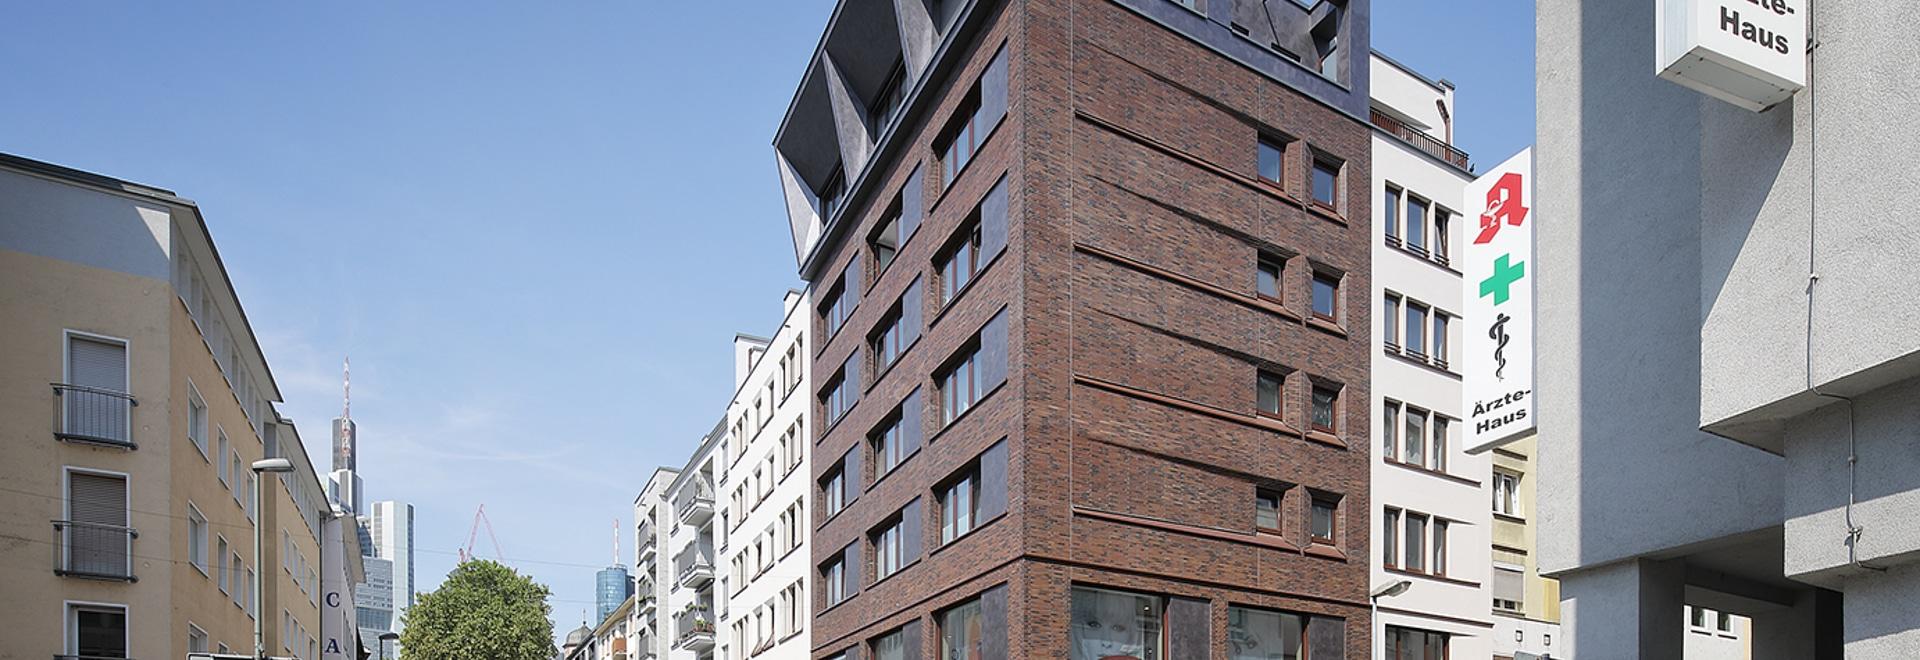 Töngesgasse, Frankfurt